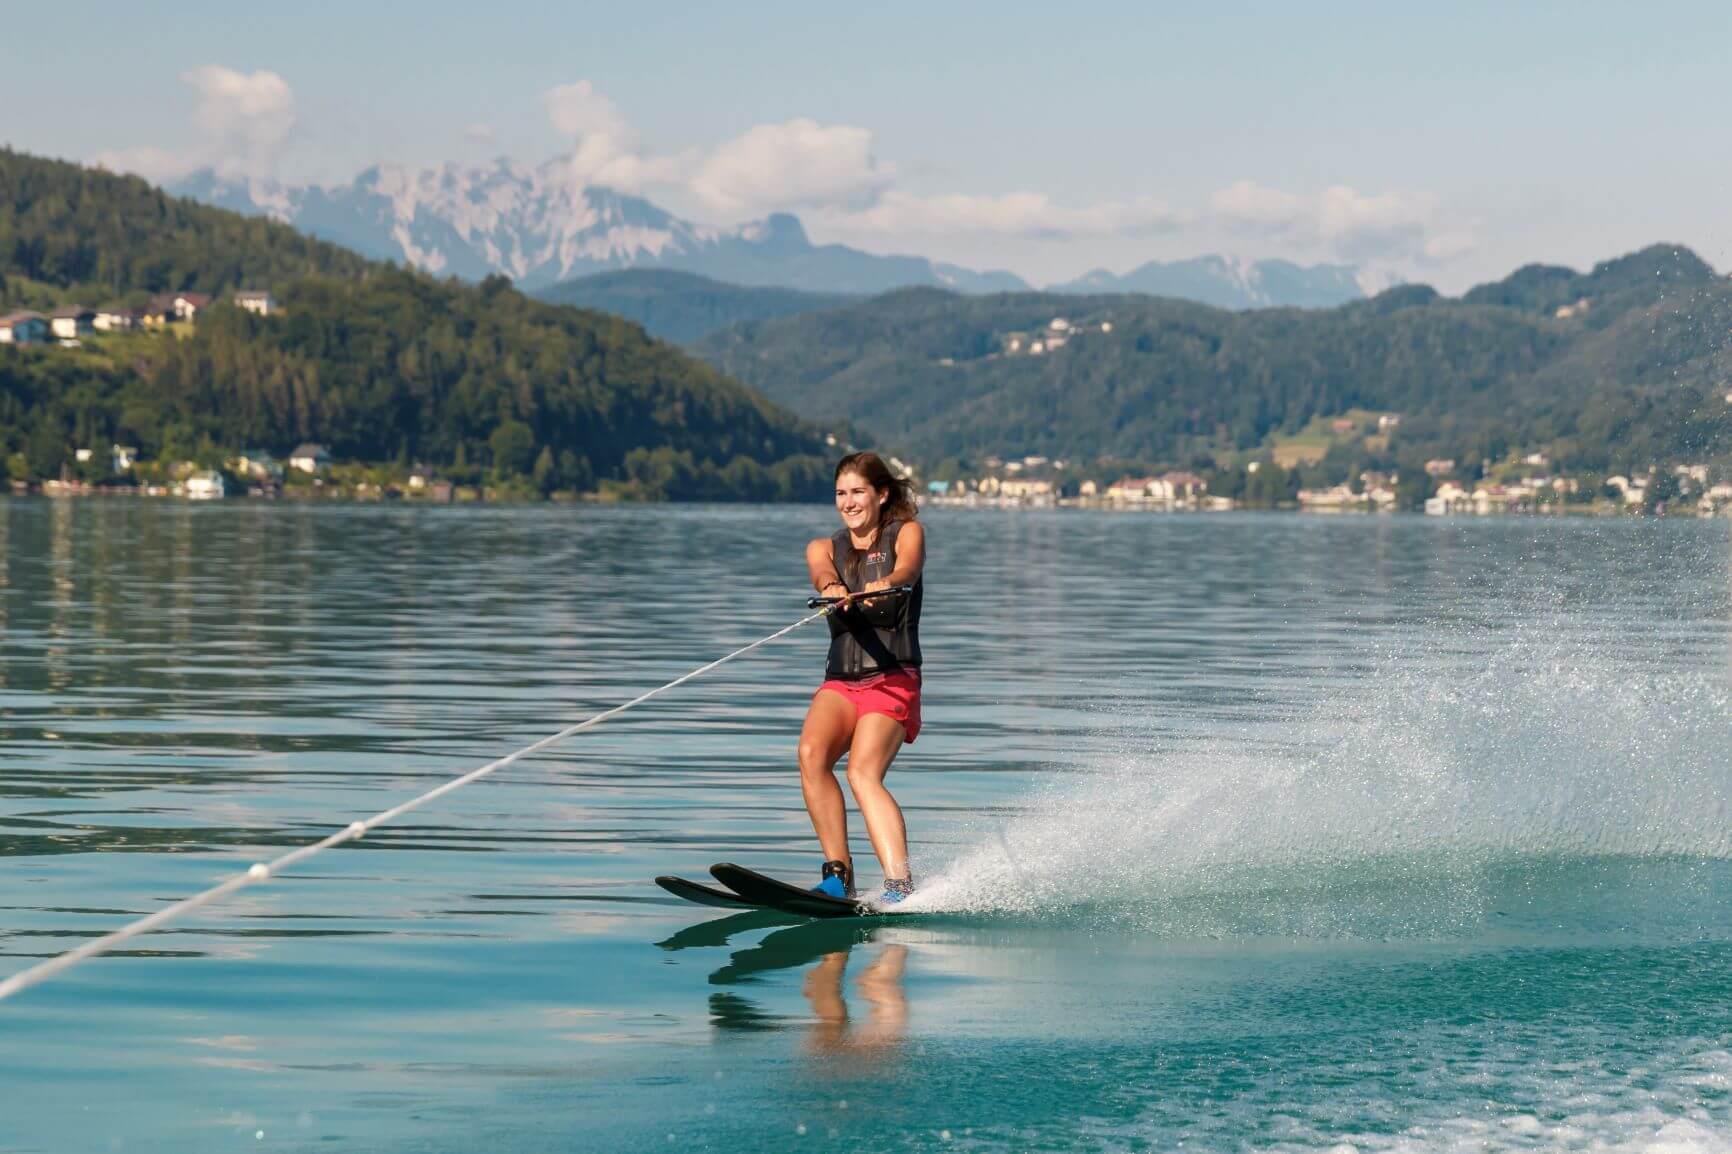 Wasserskifahrerin in pinker